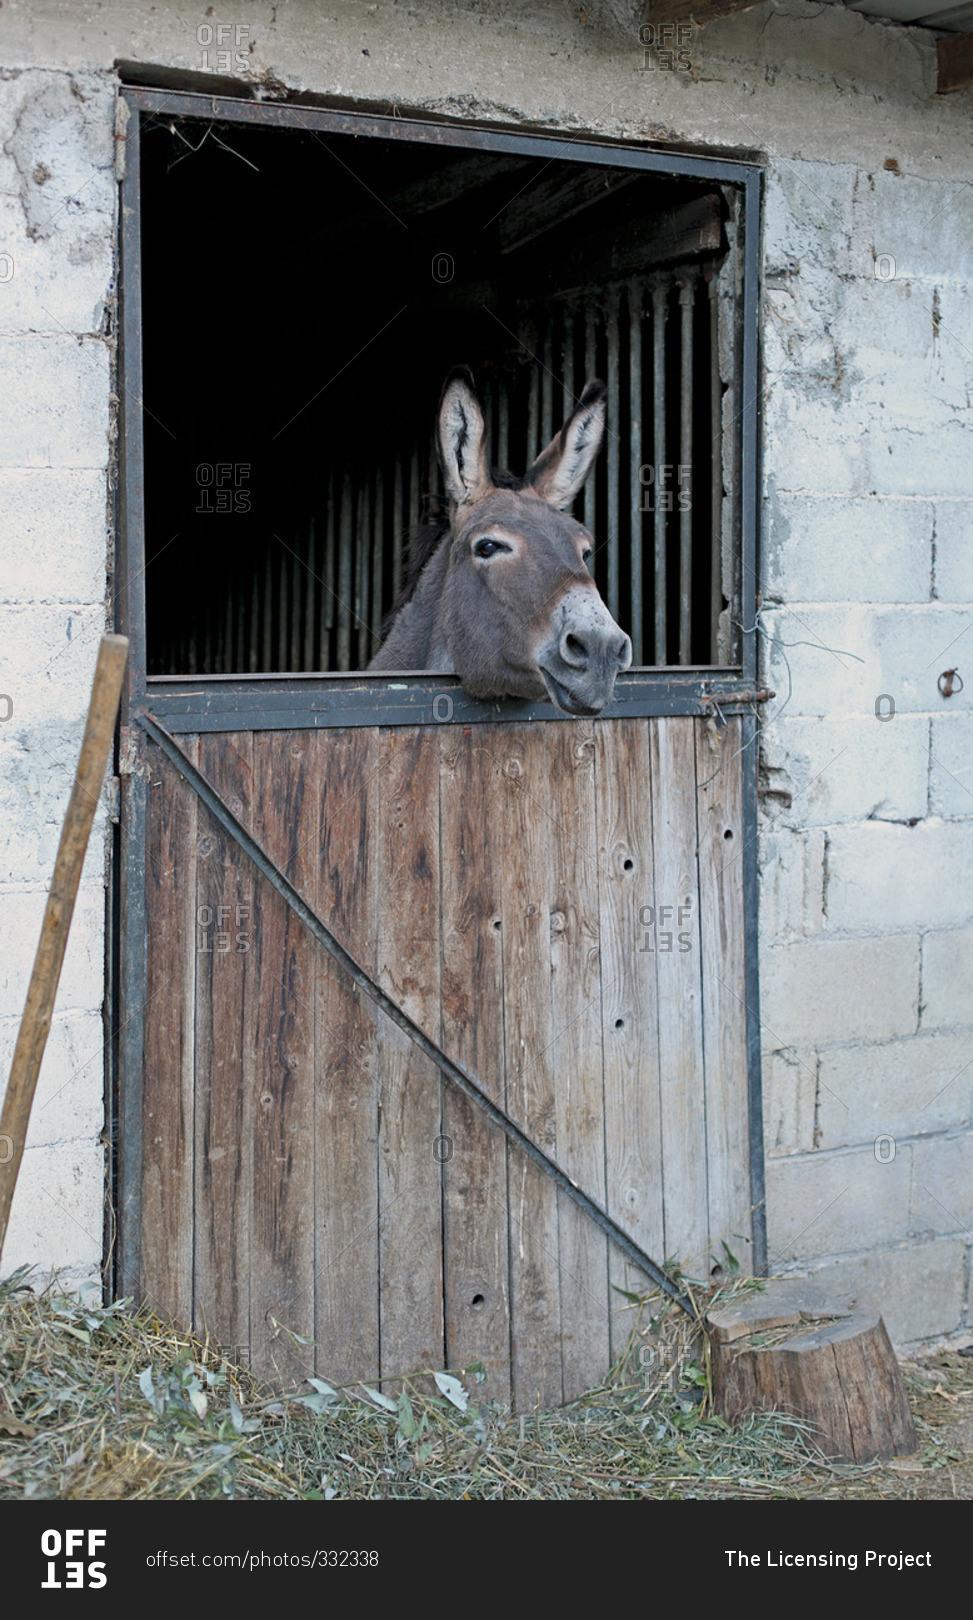 Donkey's head peering over an antique barn door stock photo - OFFSET